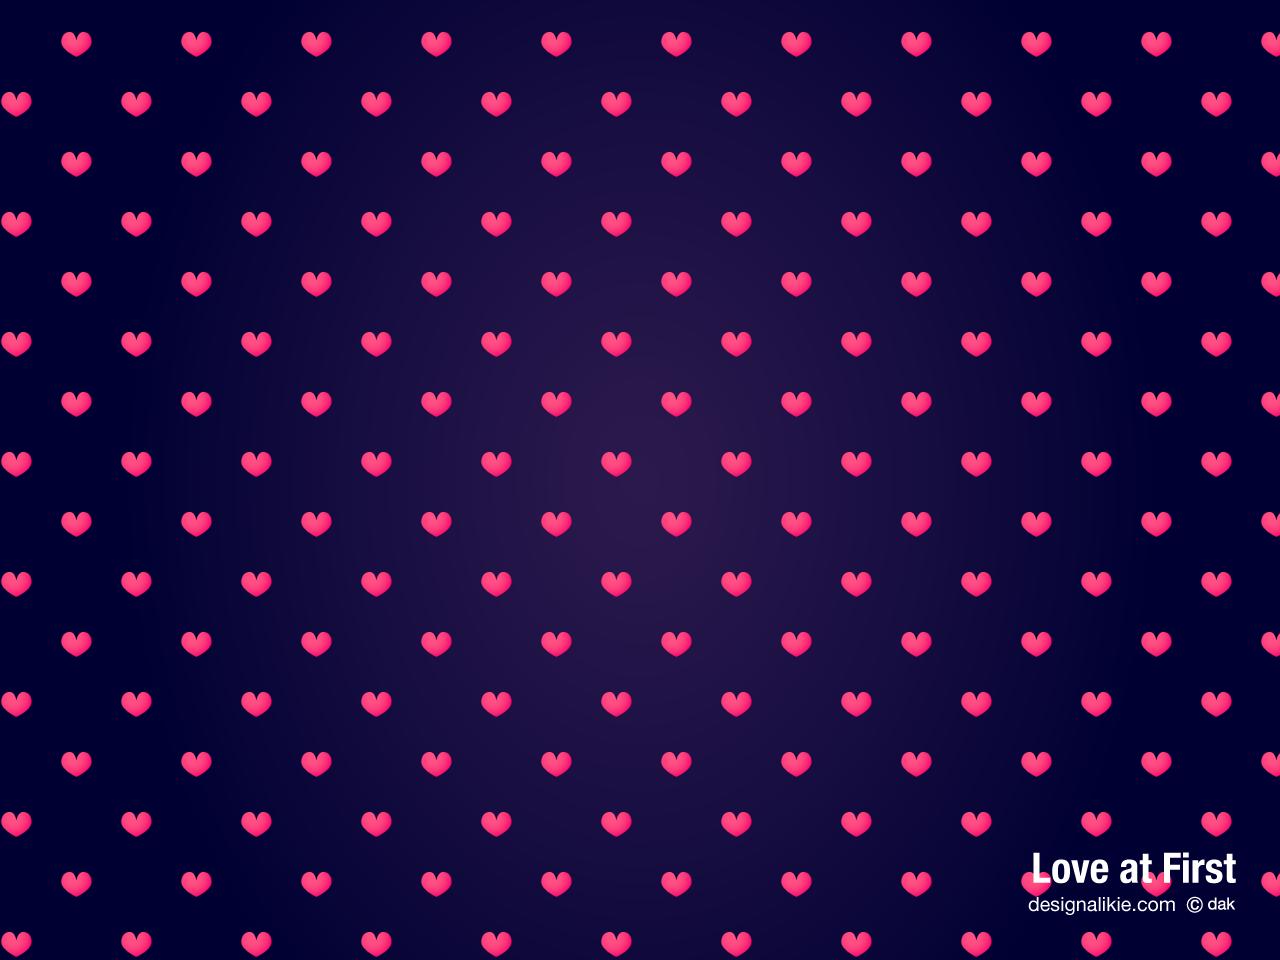 Cute Heart Pattern Wallpaper